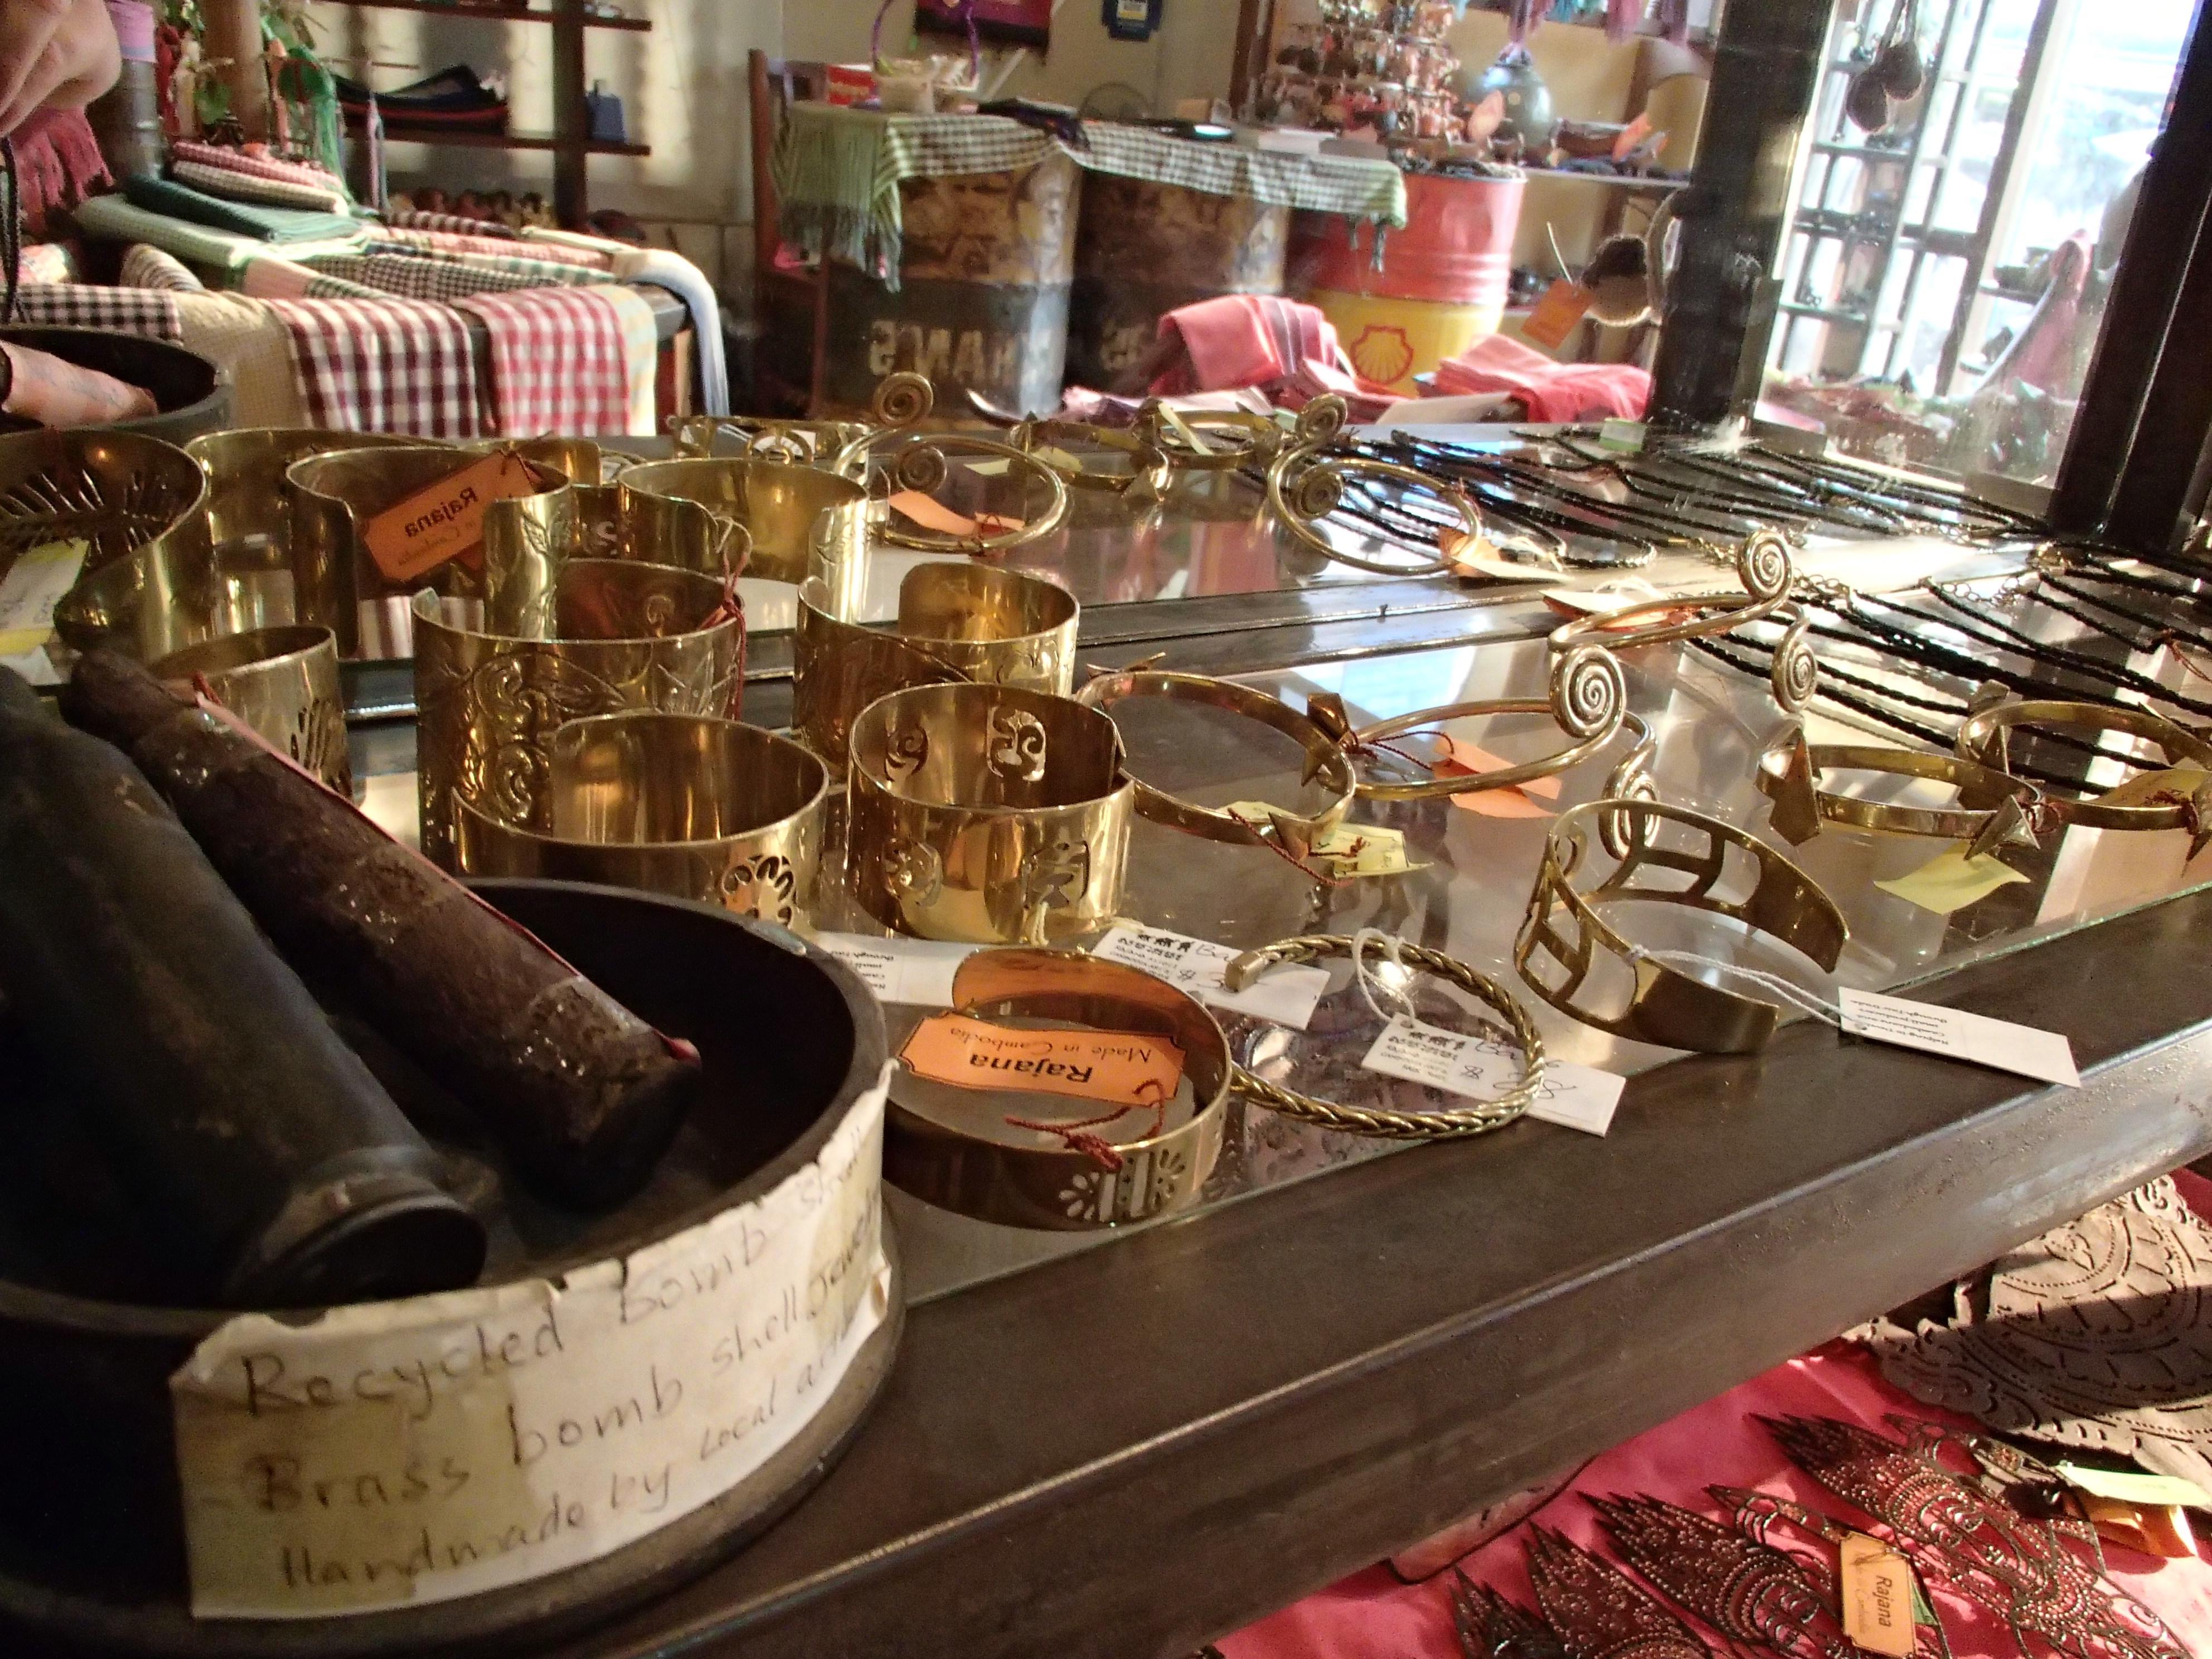 Jewelry made from bombs at Rajana